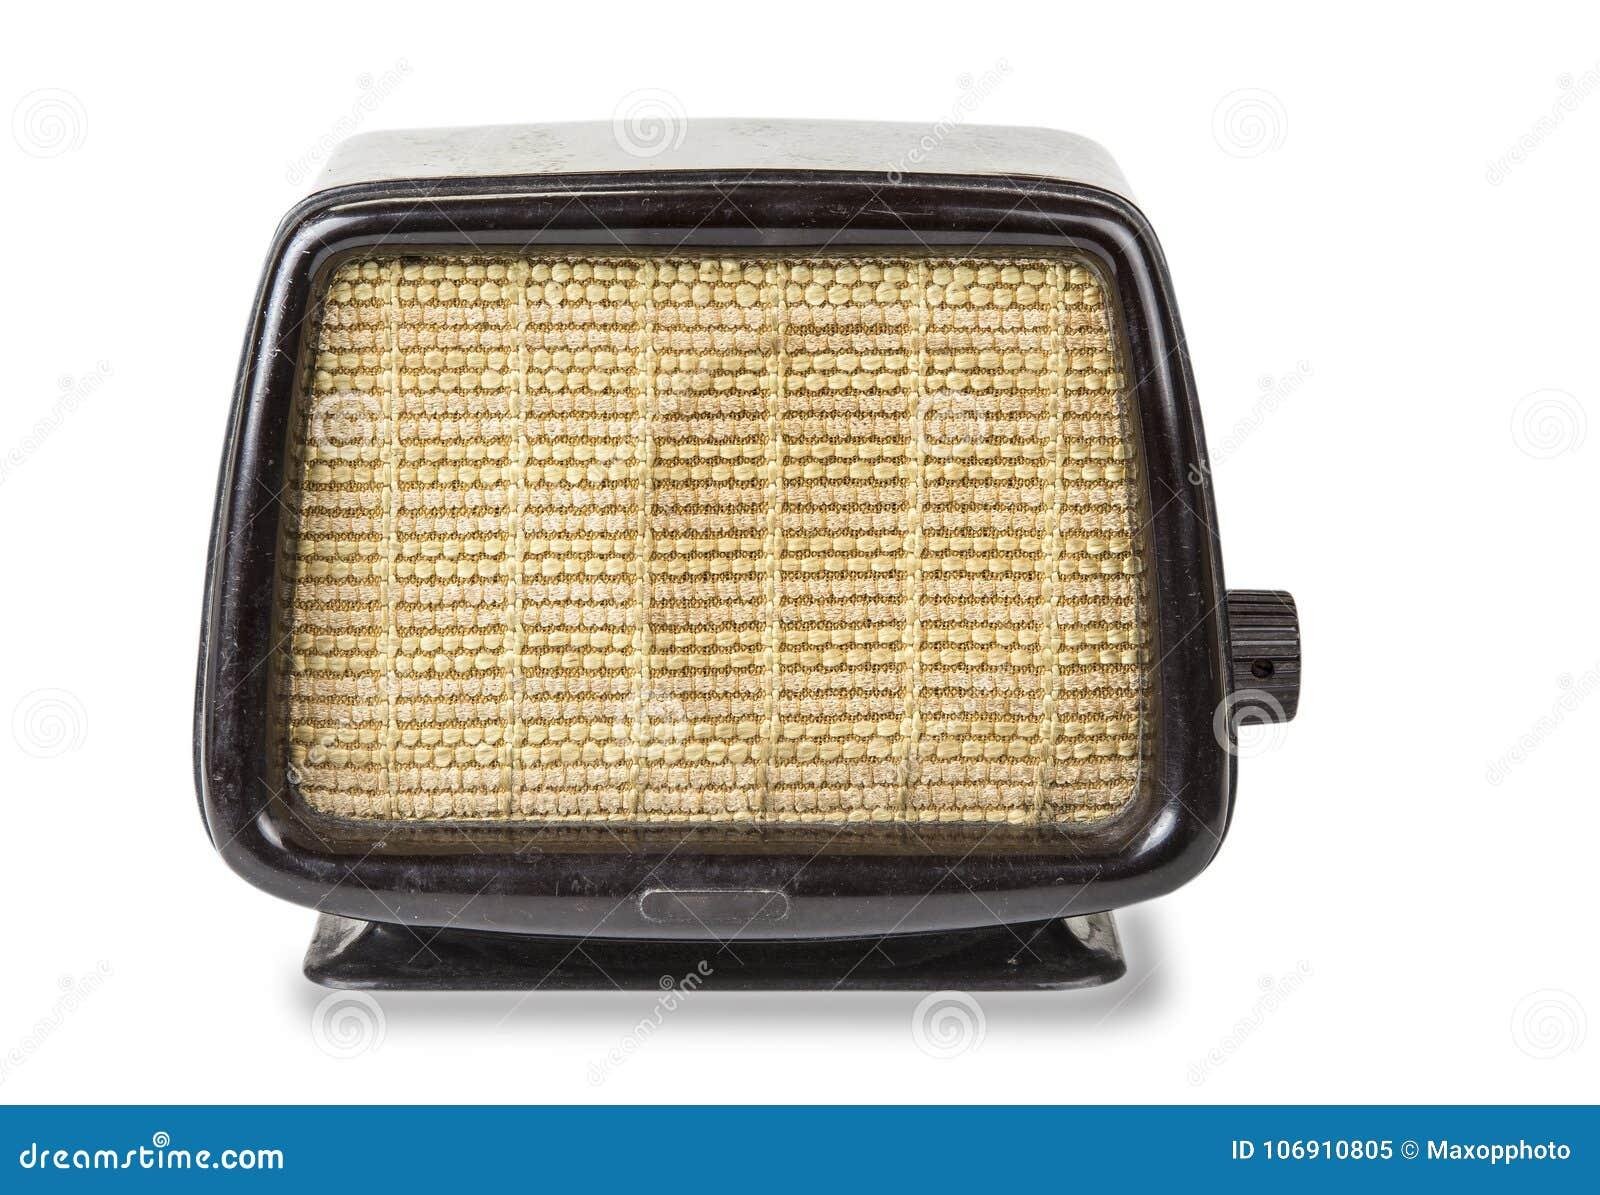 Stary retro radio od lata pięćdziesiąte na białym tle